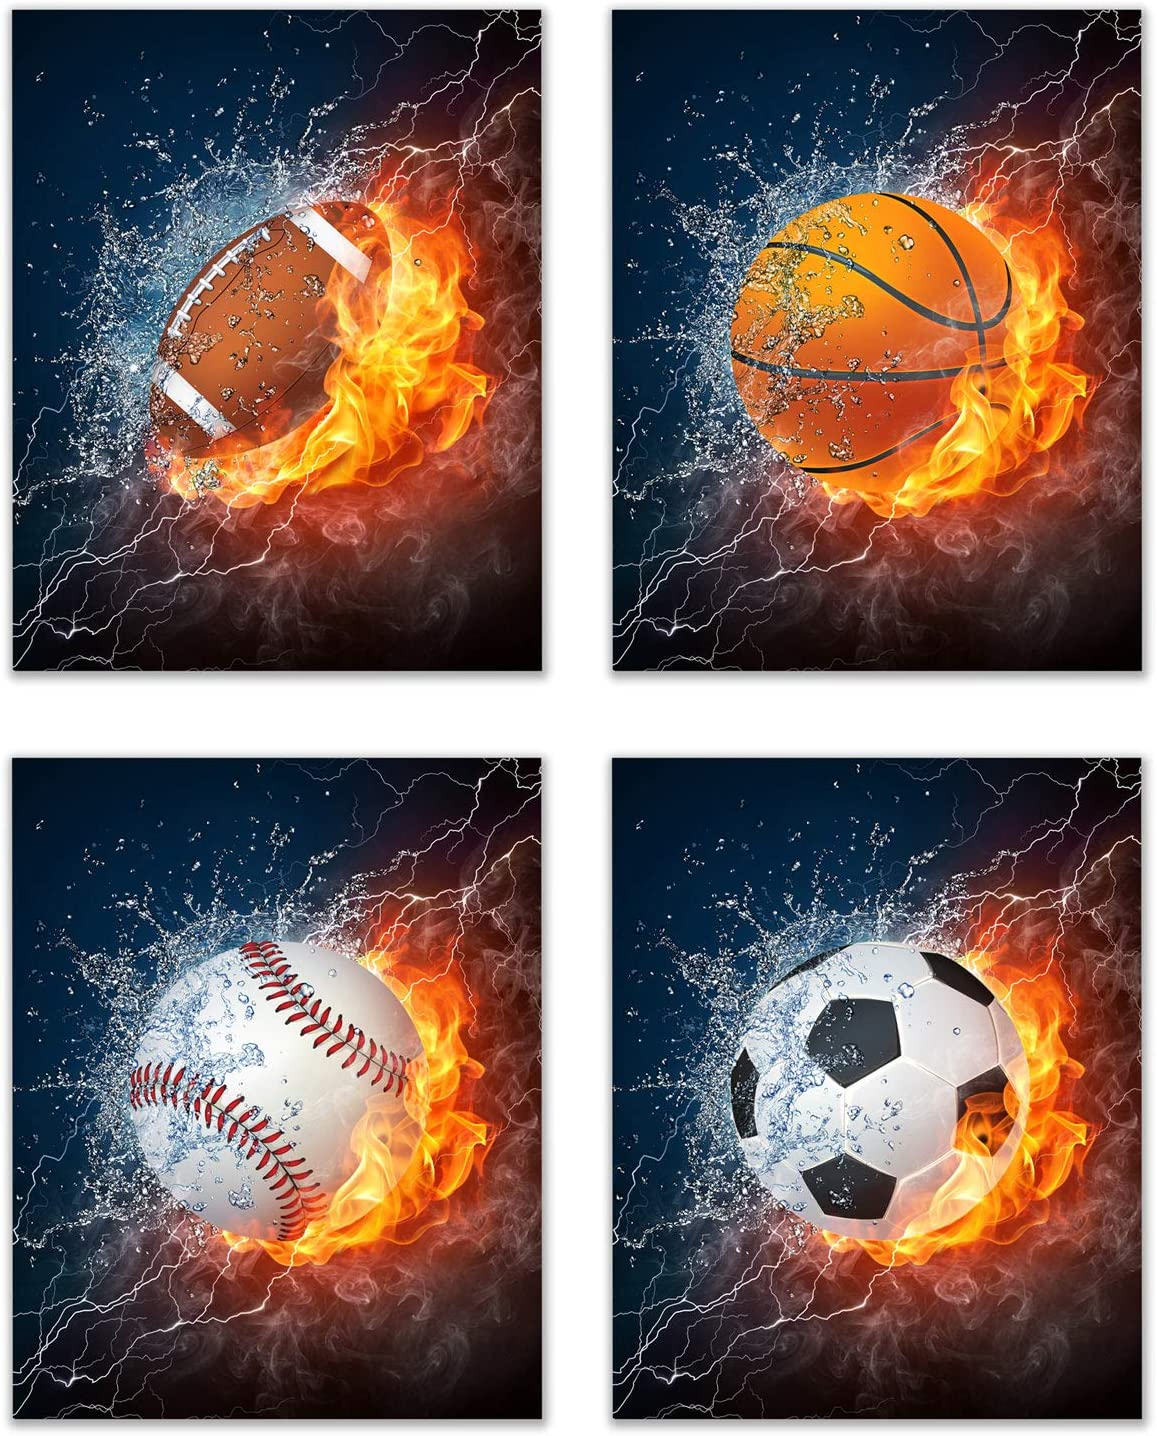 Flame Sports Balls Wall Art Décor – Set of 4 Unframed (8x10) Poster Photos – Basketball Baseball Soccer Football